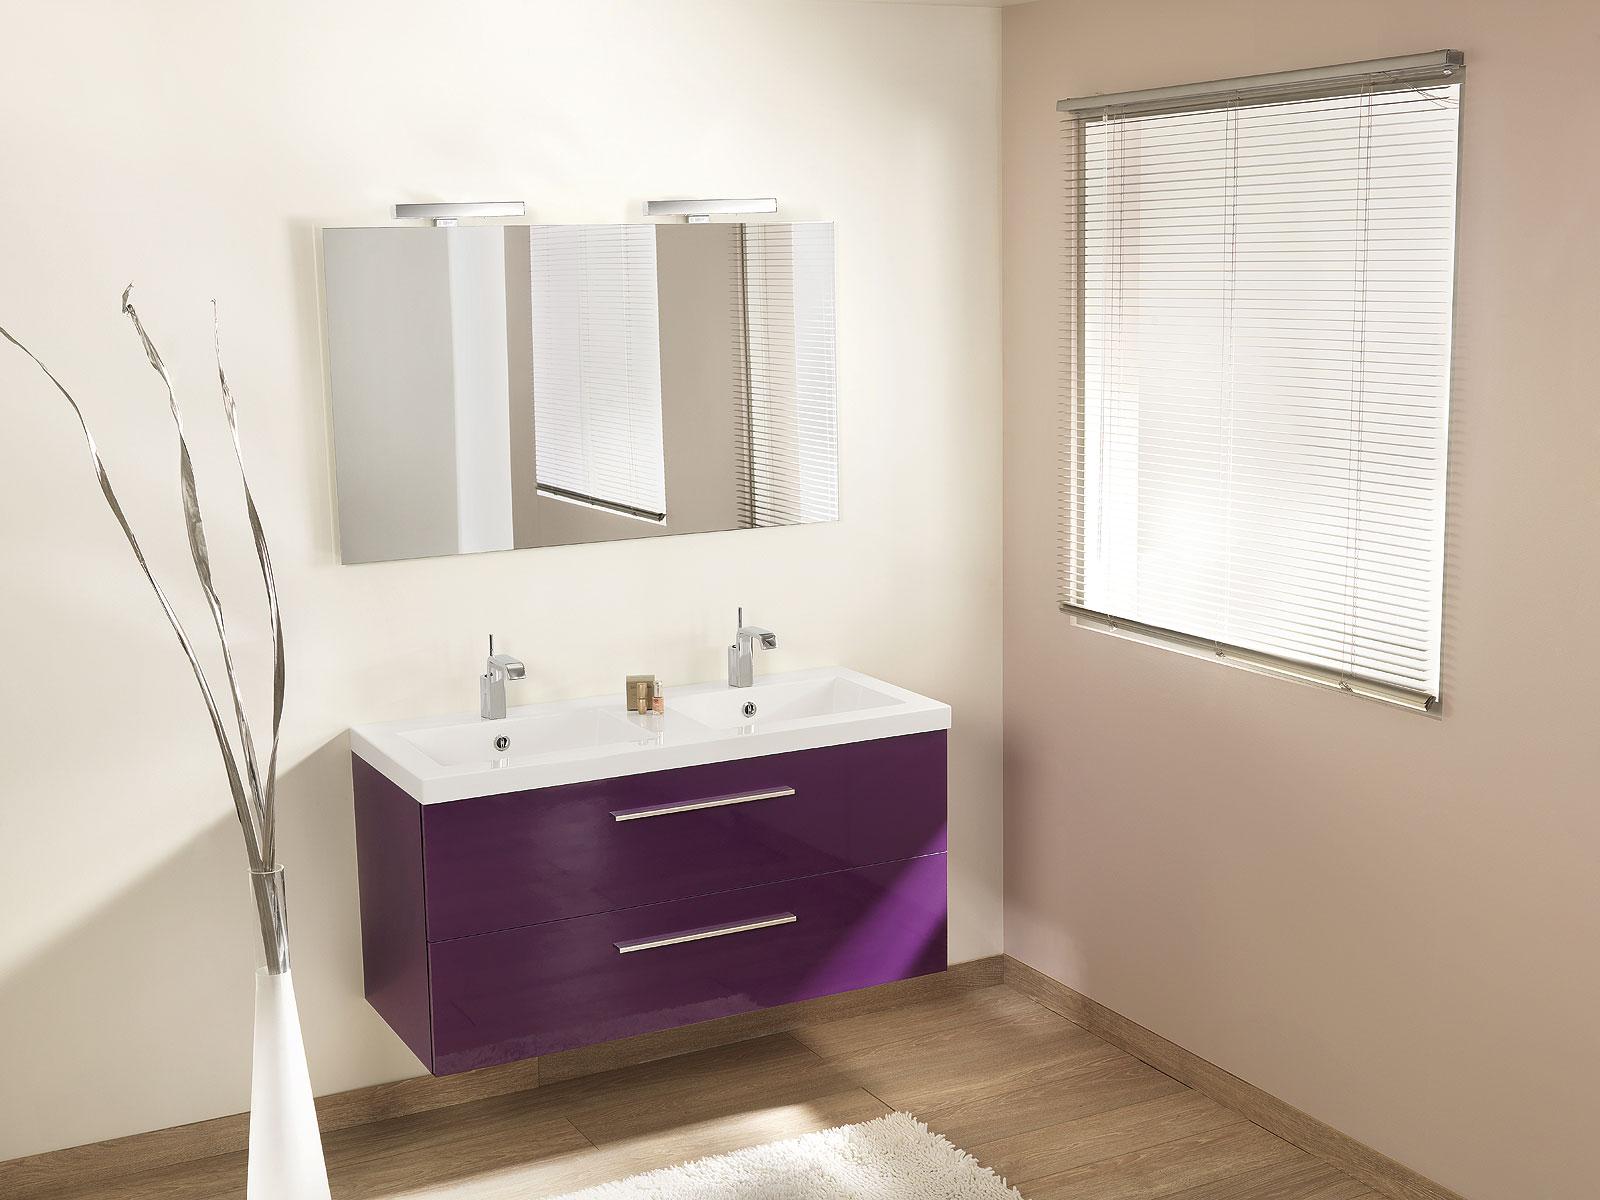 Habitat Meuble De Salle De Bain bonnes affaires déco: une salle de bain audacieuse et unique